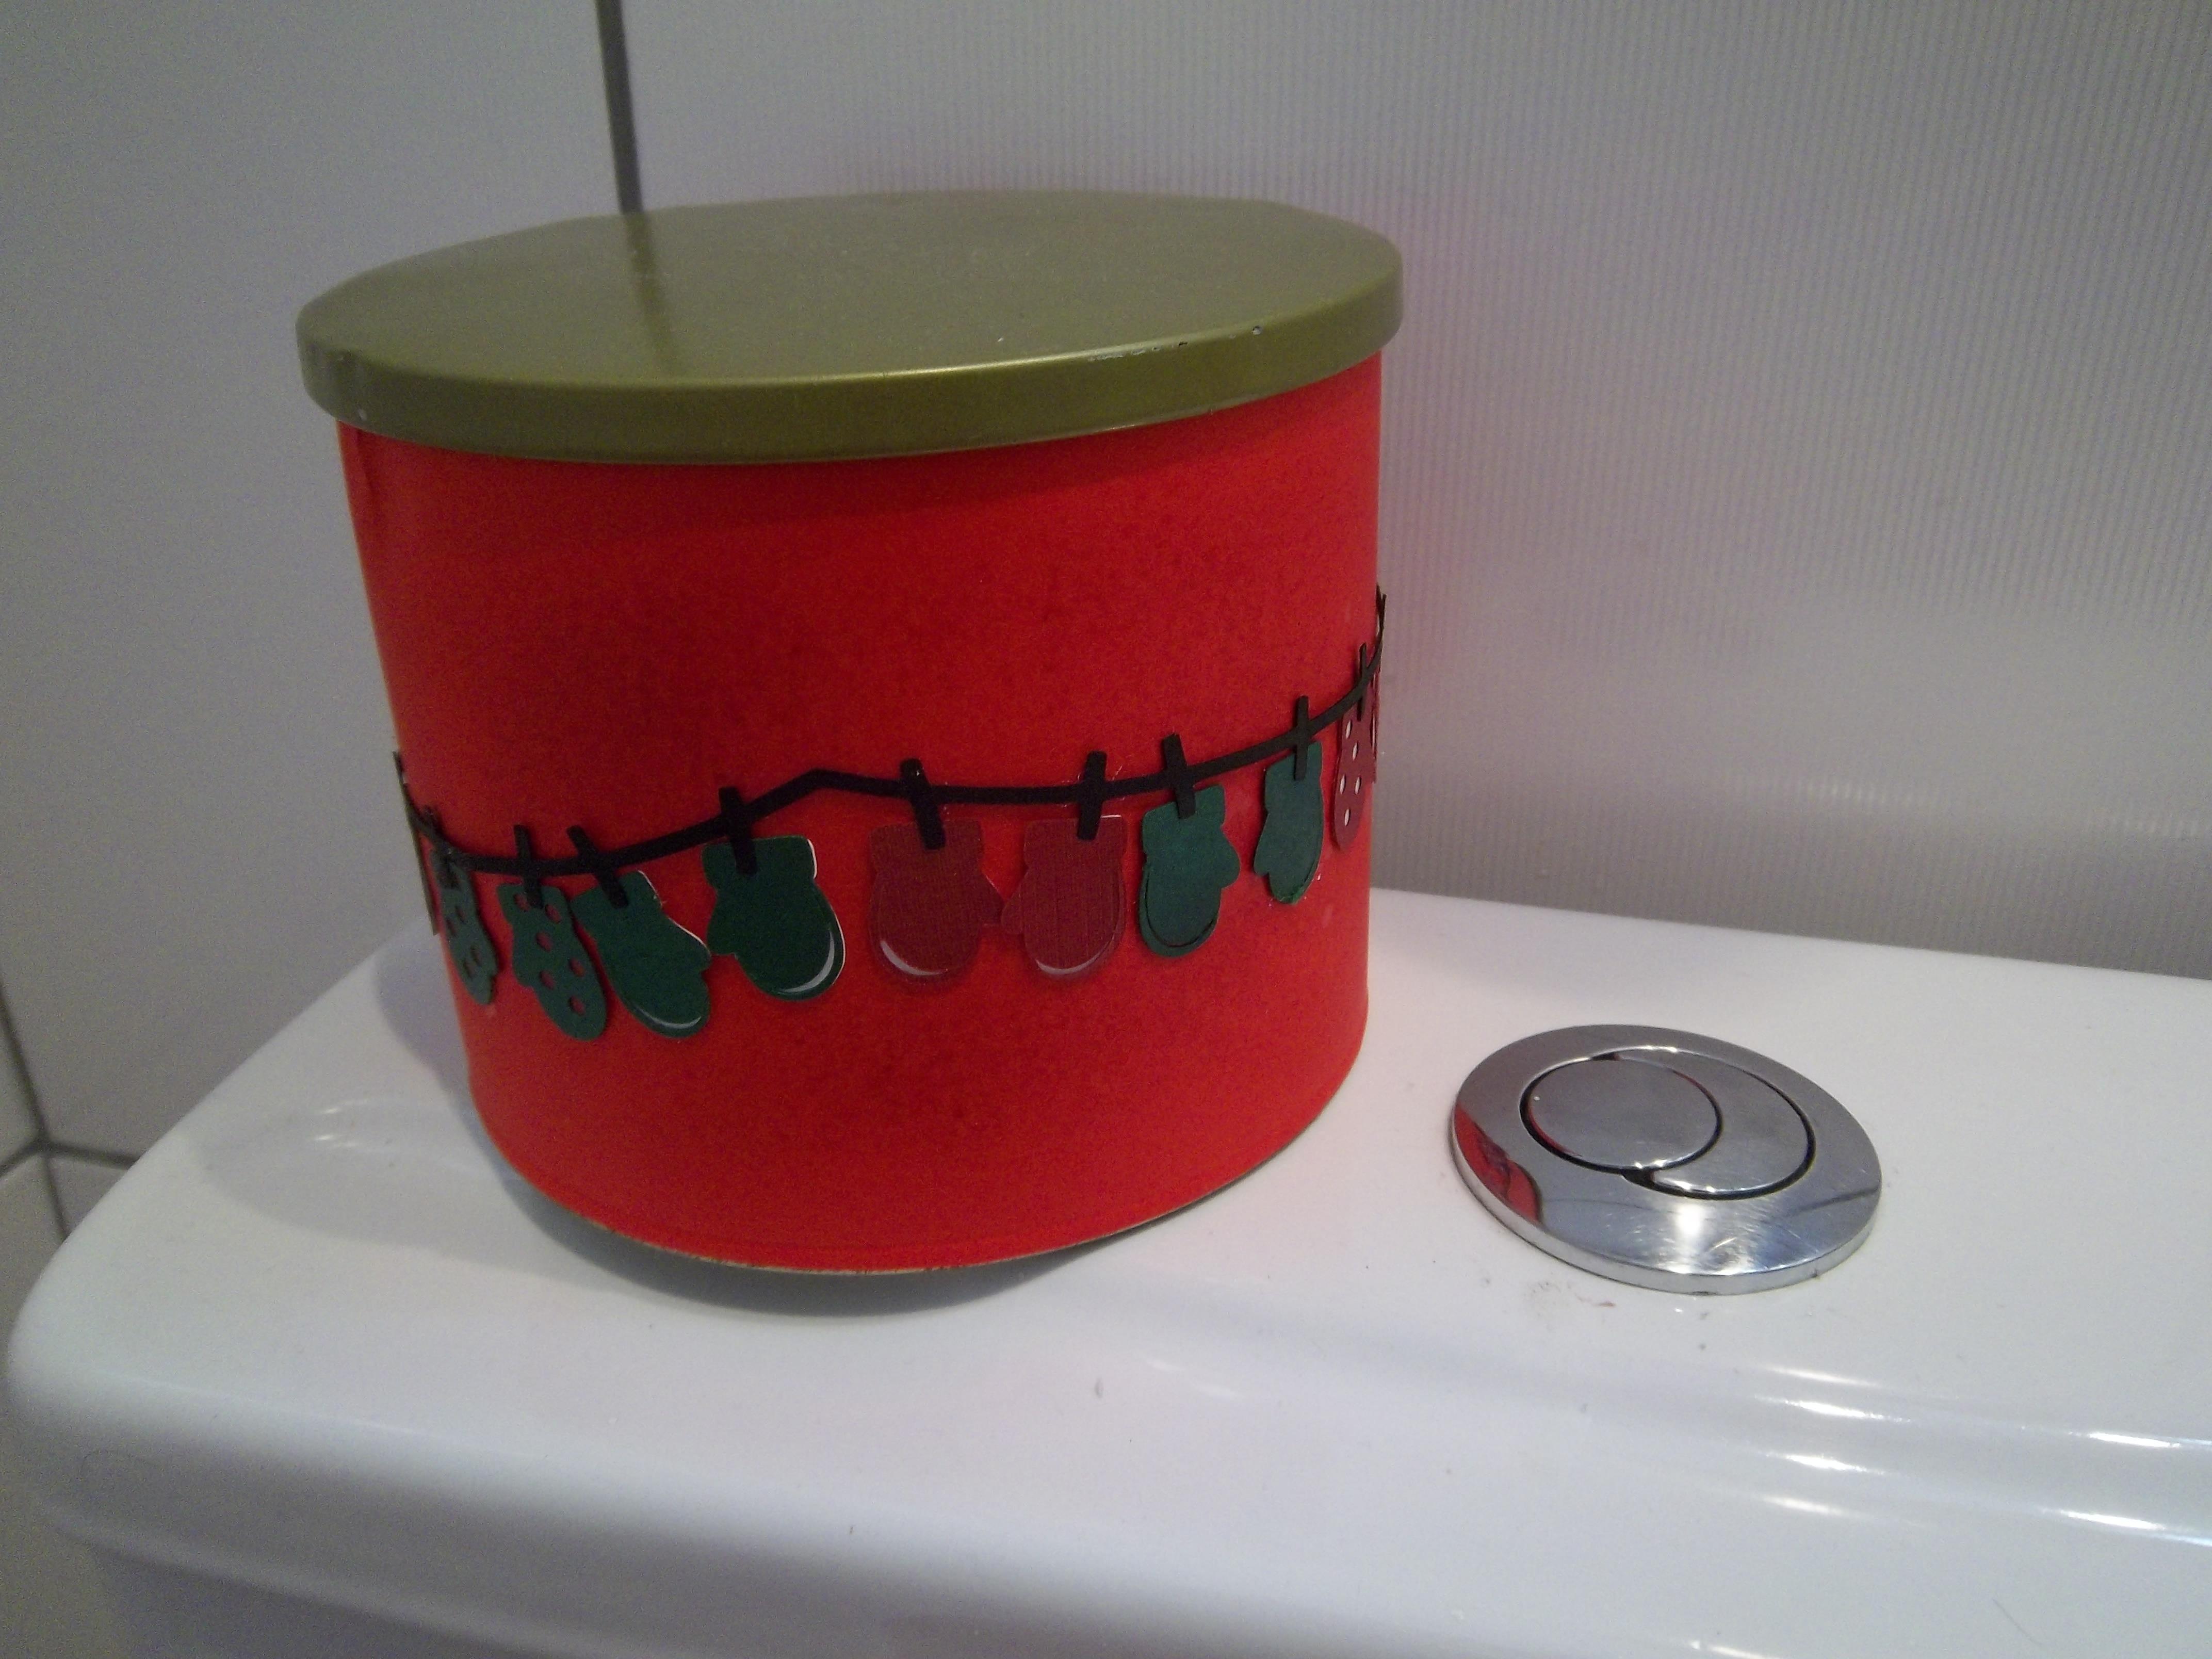 #801015 banheiro papel higienico:decoracao lata papel higienico banheiro  4288x3216 px Banheiro Entupido Com Papel Higienico 3197